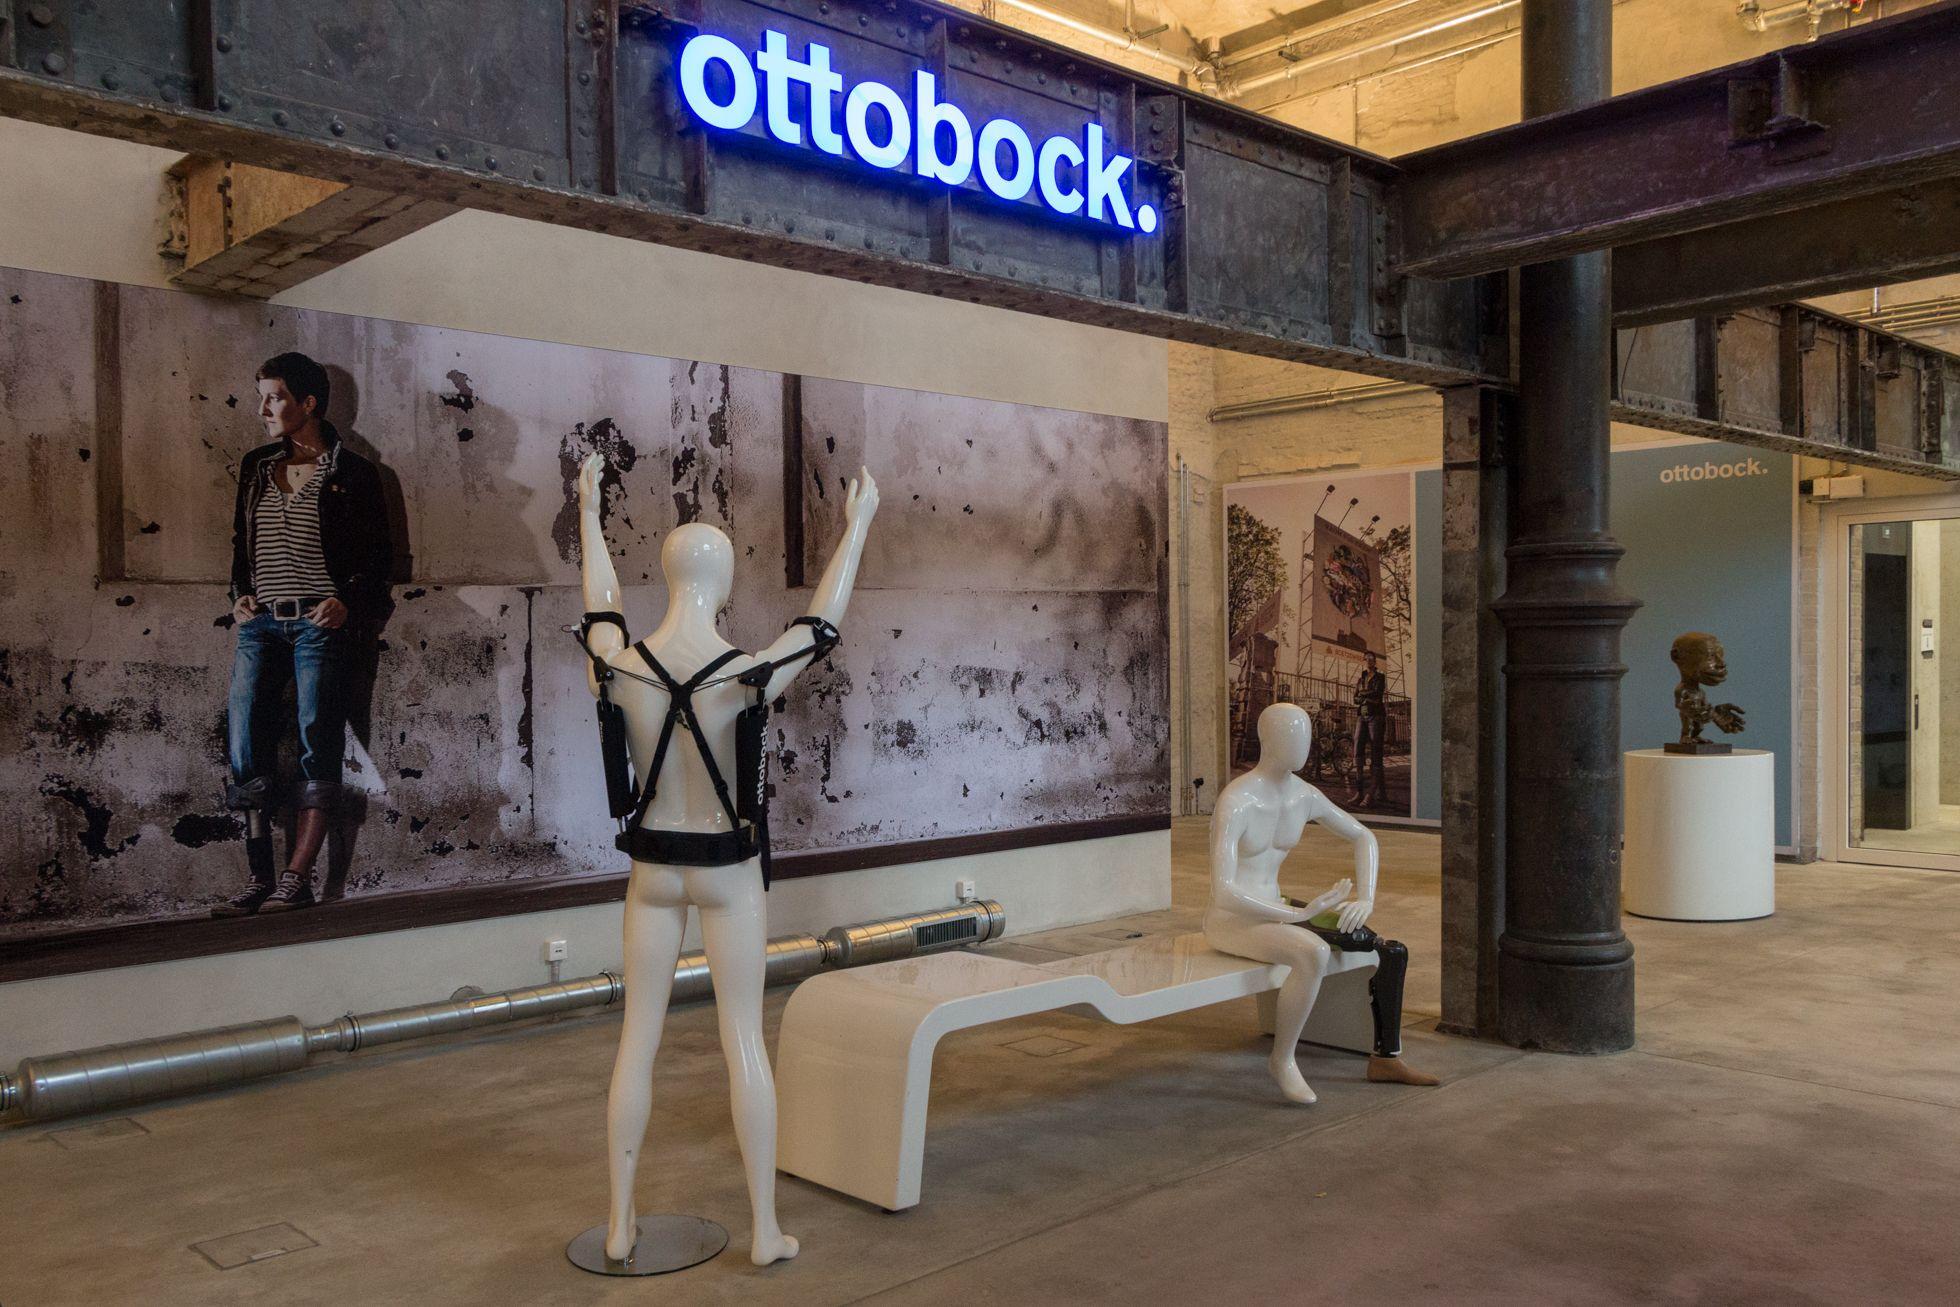 Ottobock: Wie ein Exoskelett die Arbeit erleichtert - Paexo ist ein Exoskelett von Ottobock. Das Unternehmen baut auch bionische Orthesen und Prothesen. (Bild: Werner Pluta/Golem.de)